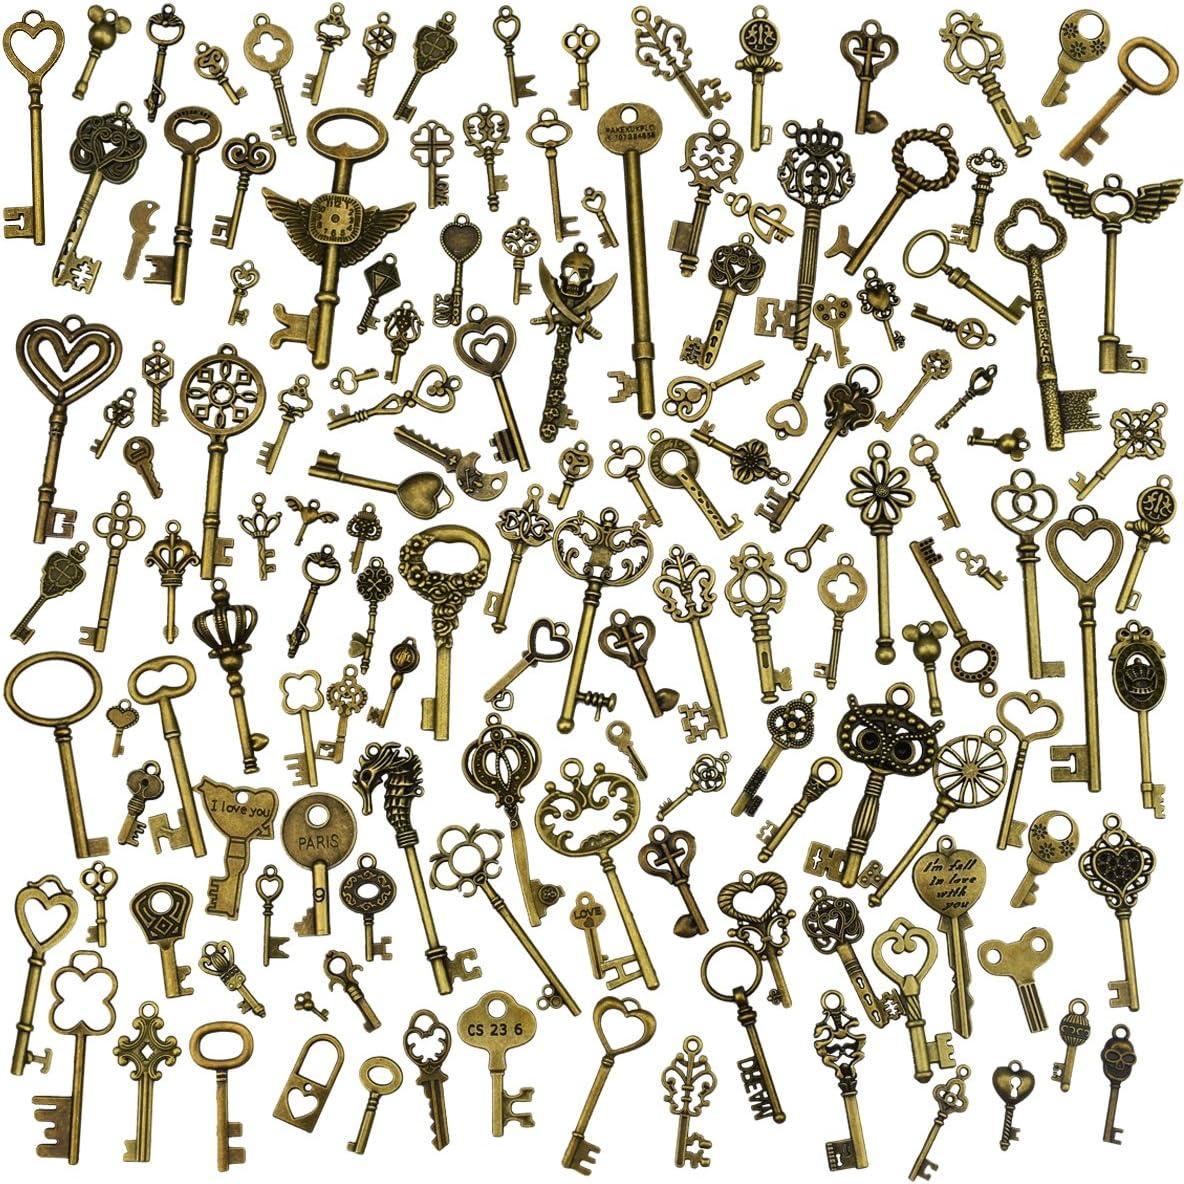 130 piezas Llaves esqueléticas de la vendimia de bronce antiguo colgantes del collar de DIY que hace fuentes para la decoración de la boda Favor o fiestas